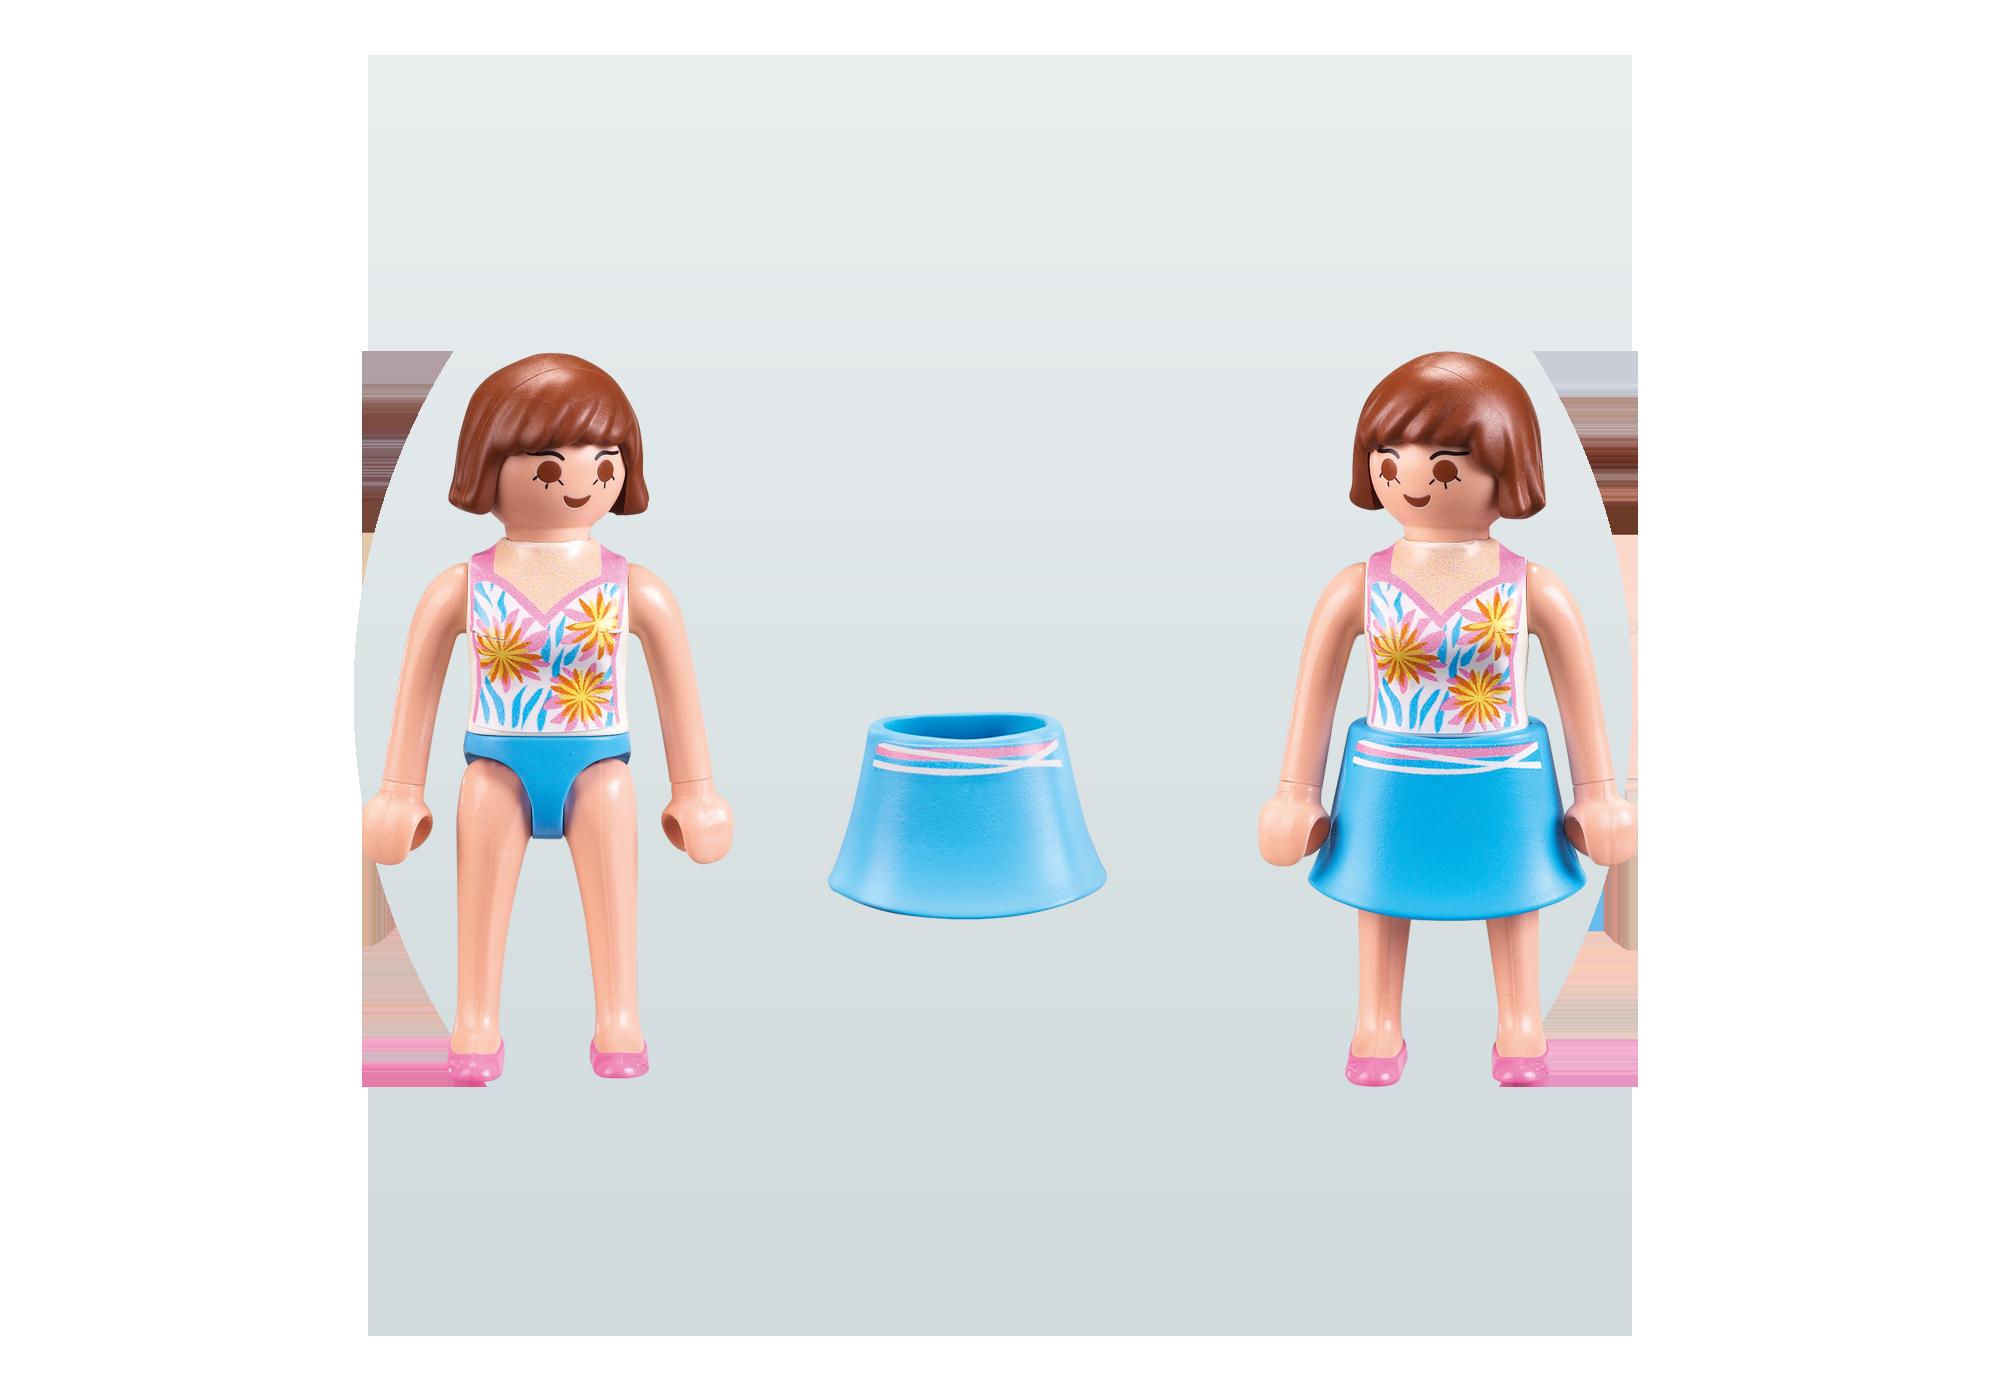 http://media.playmobil.com/i/playmobil/9079_product_extra1/Sklep z artykułami niemowlęcymi